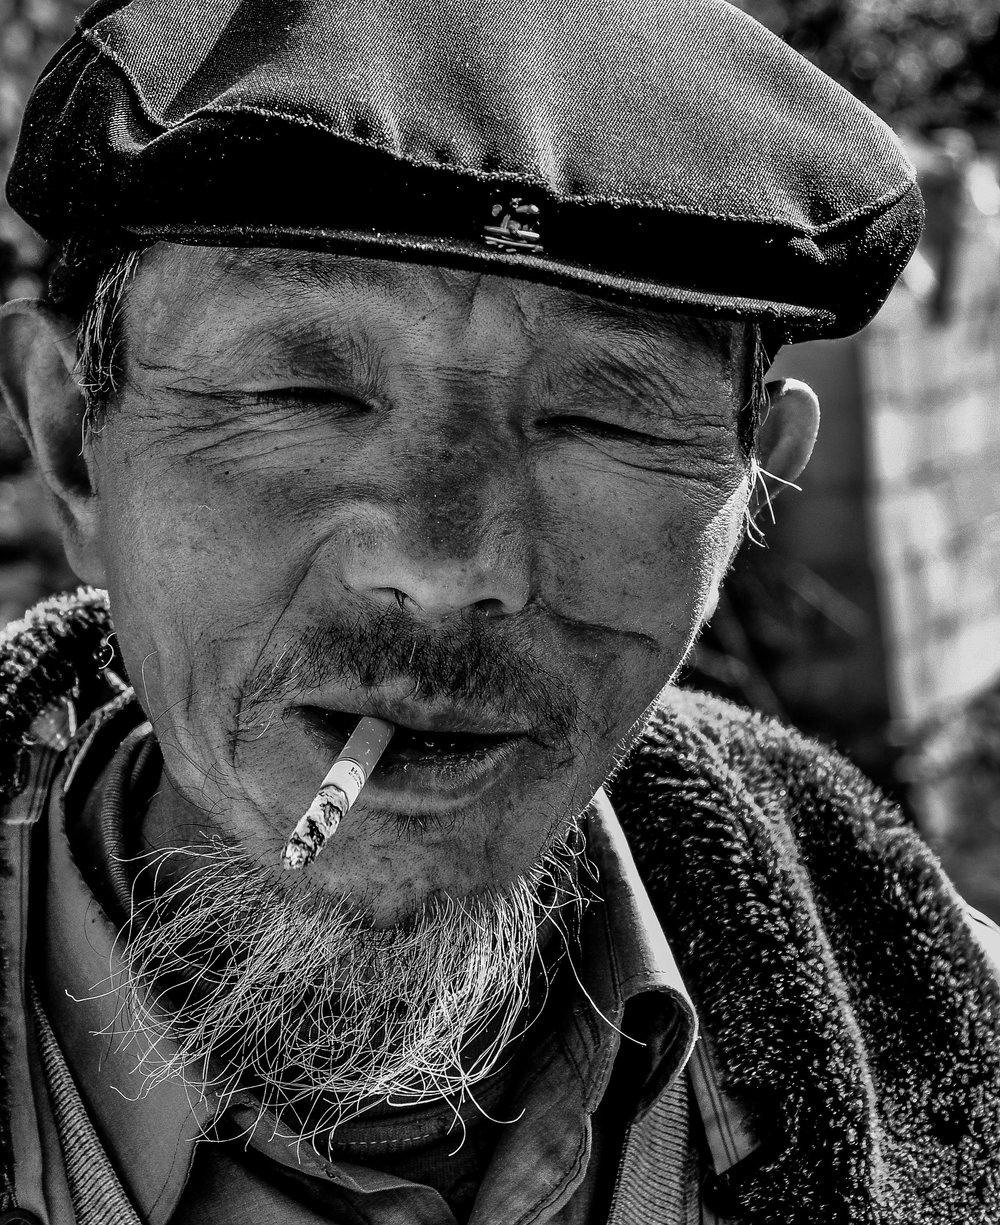 Lijiang. Yunnan Province, China 2009